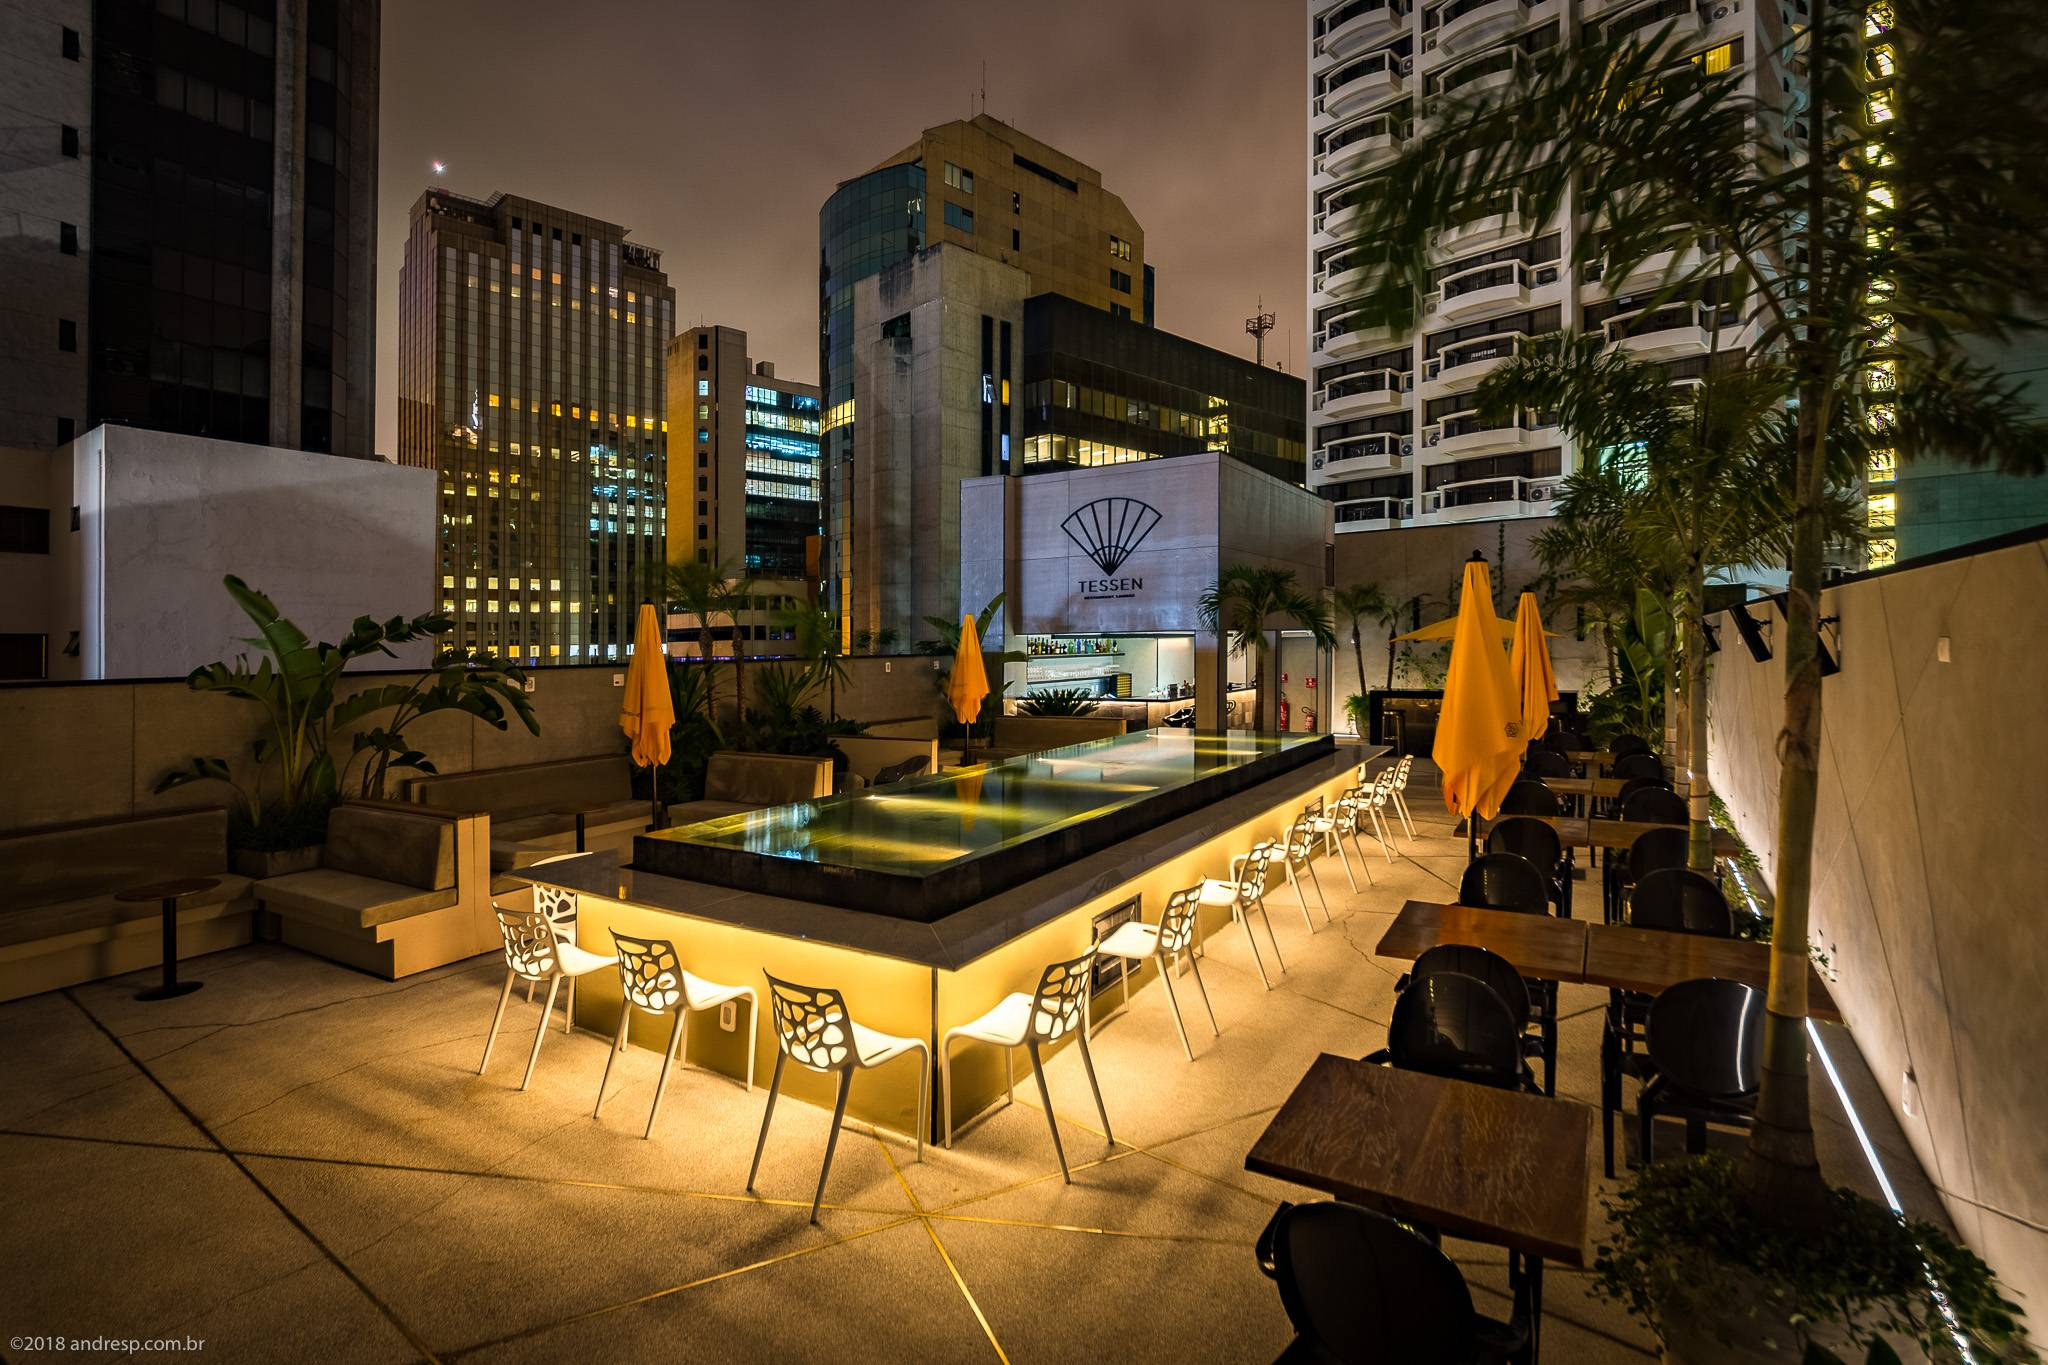 Conheça o Tessen, novo bar e restaurante em São Paulo